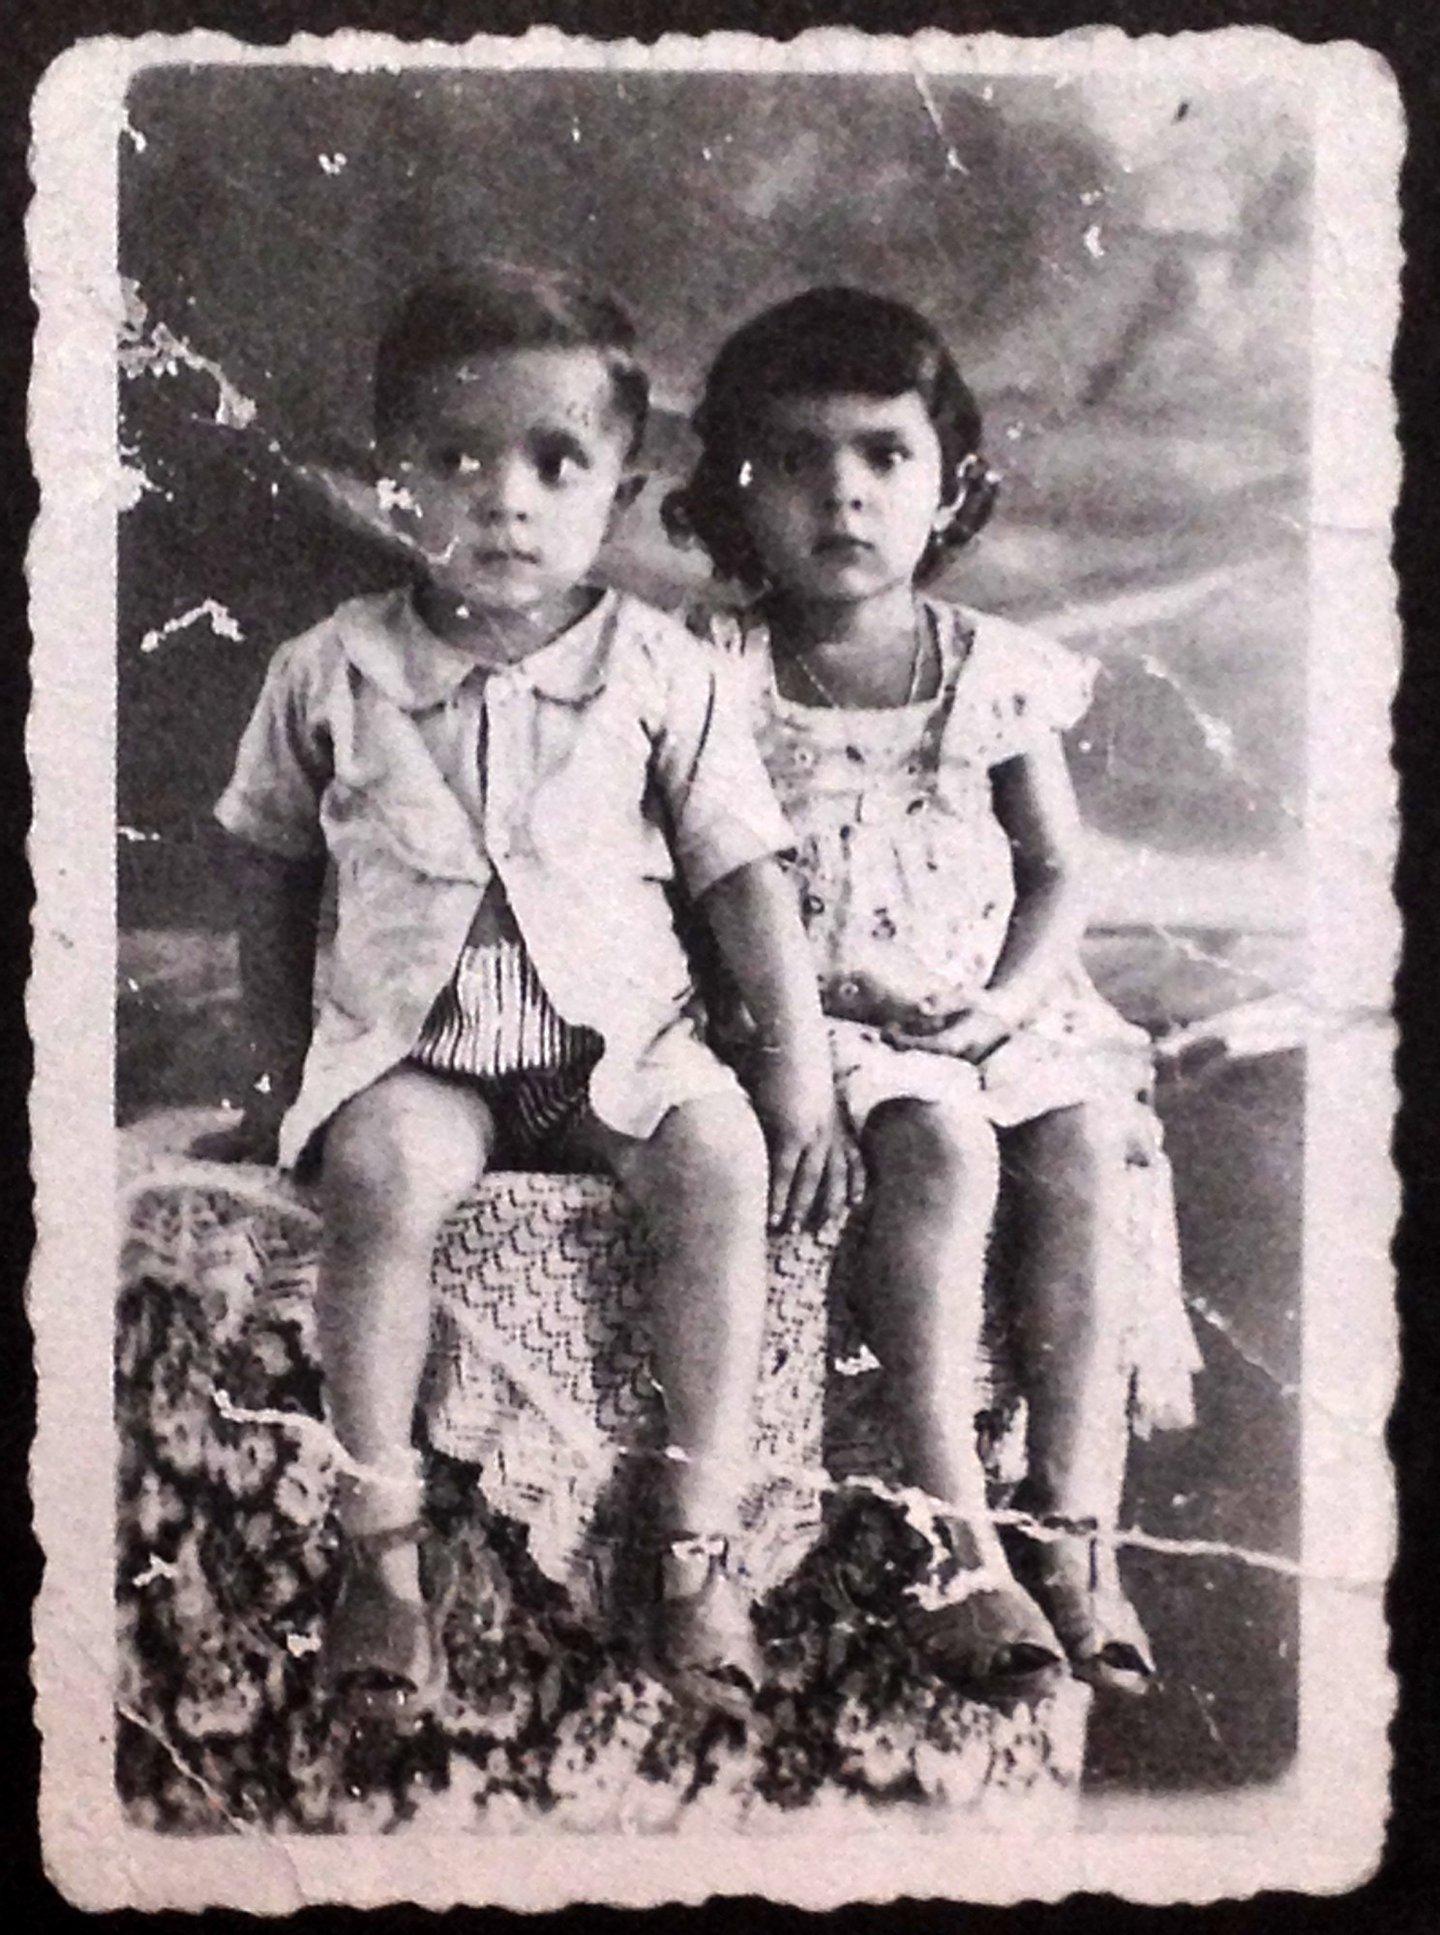 1949-retrato-com-irma-garanhuns